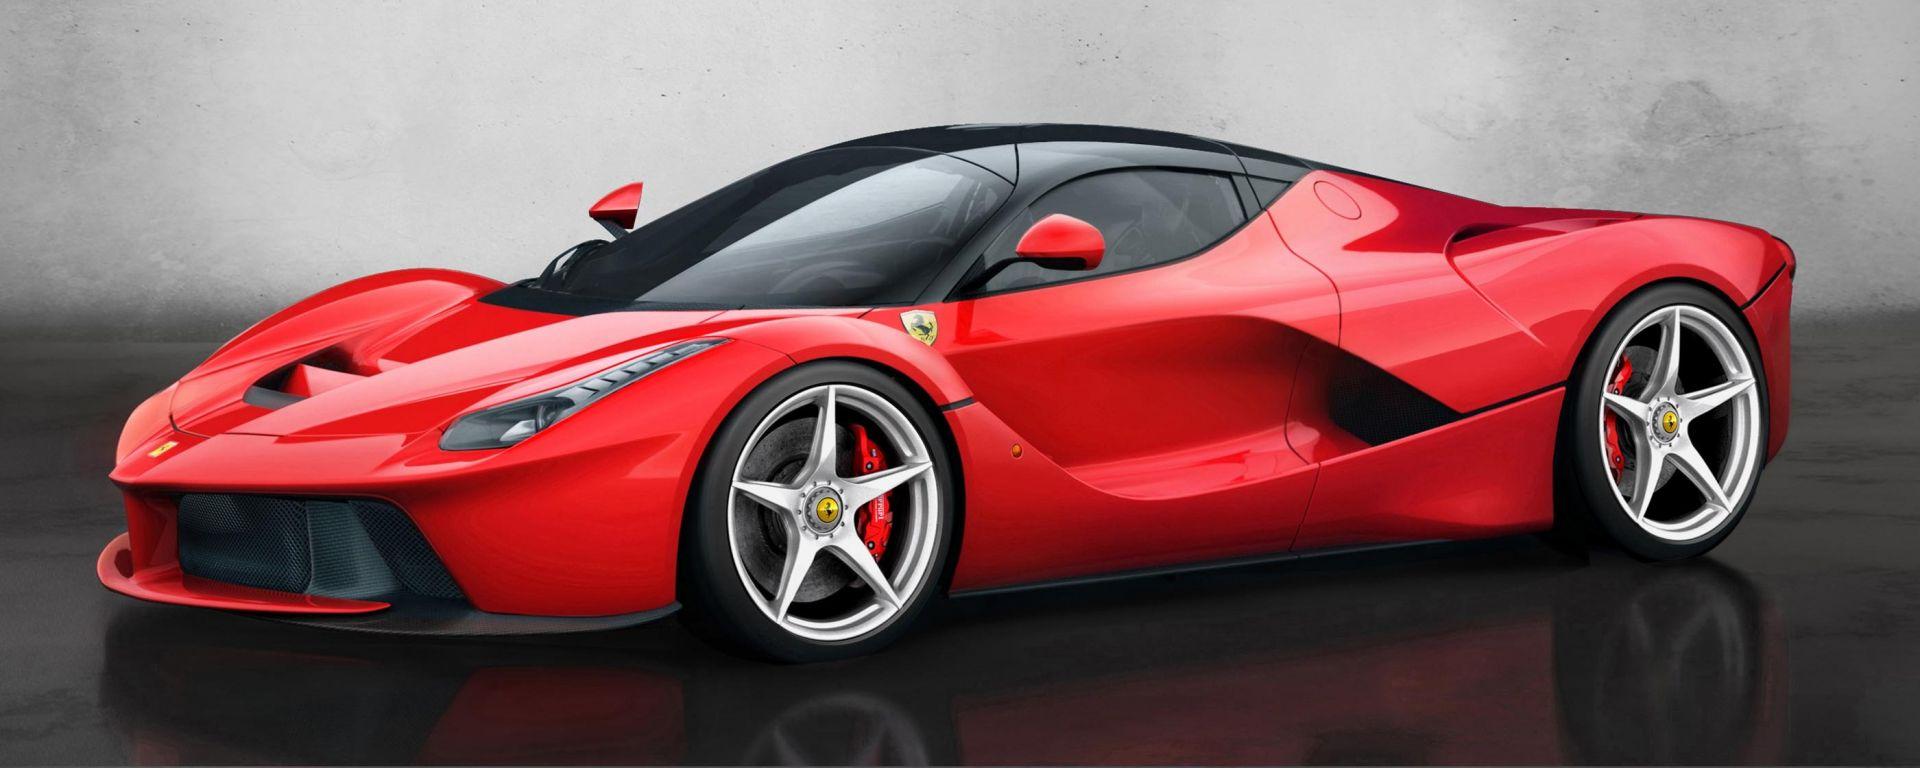 Ferrari LaFerrari: il modello numero 500 verrà messo all'asta per aiutare le popolazioni terremotate